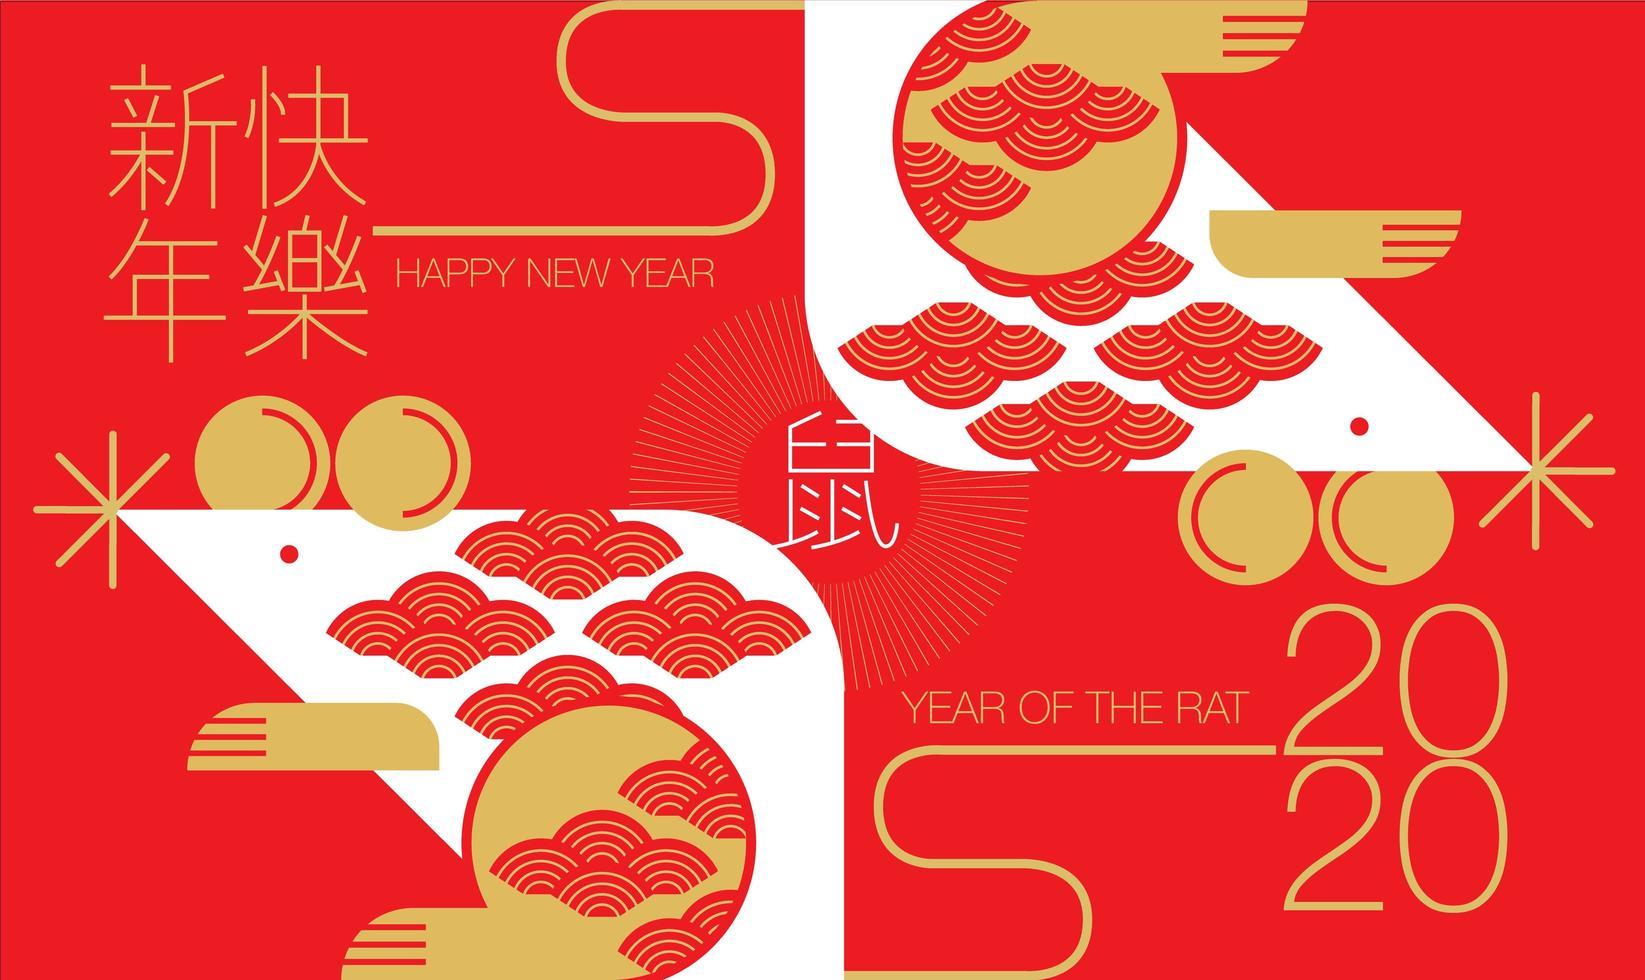 rotes chinesisches Neujahrsplakat 2020 mit zwei Ratten vektor